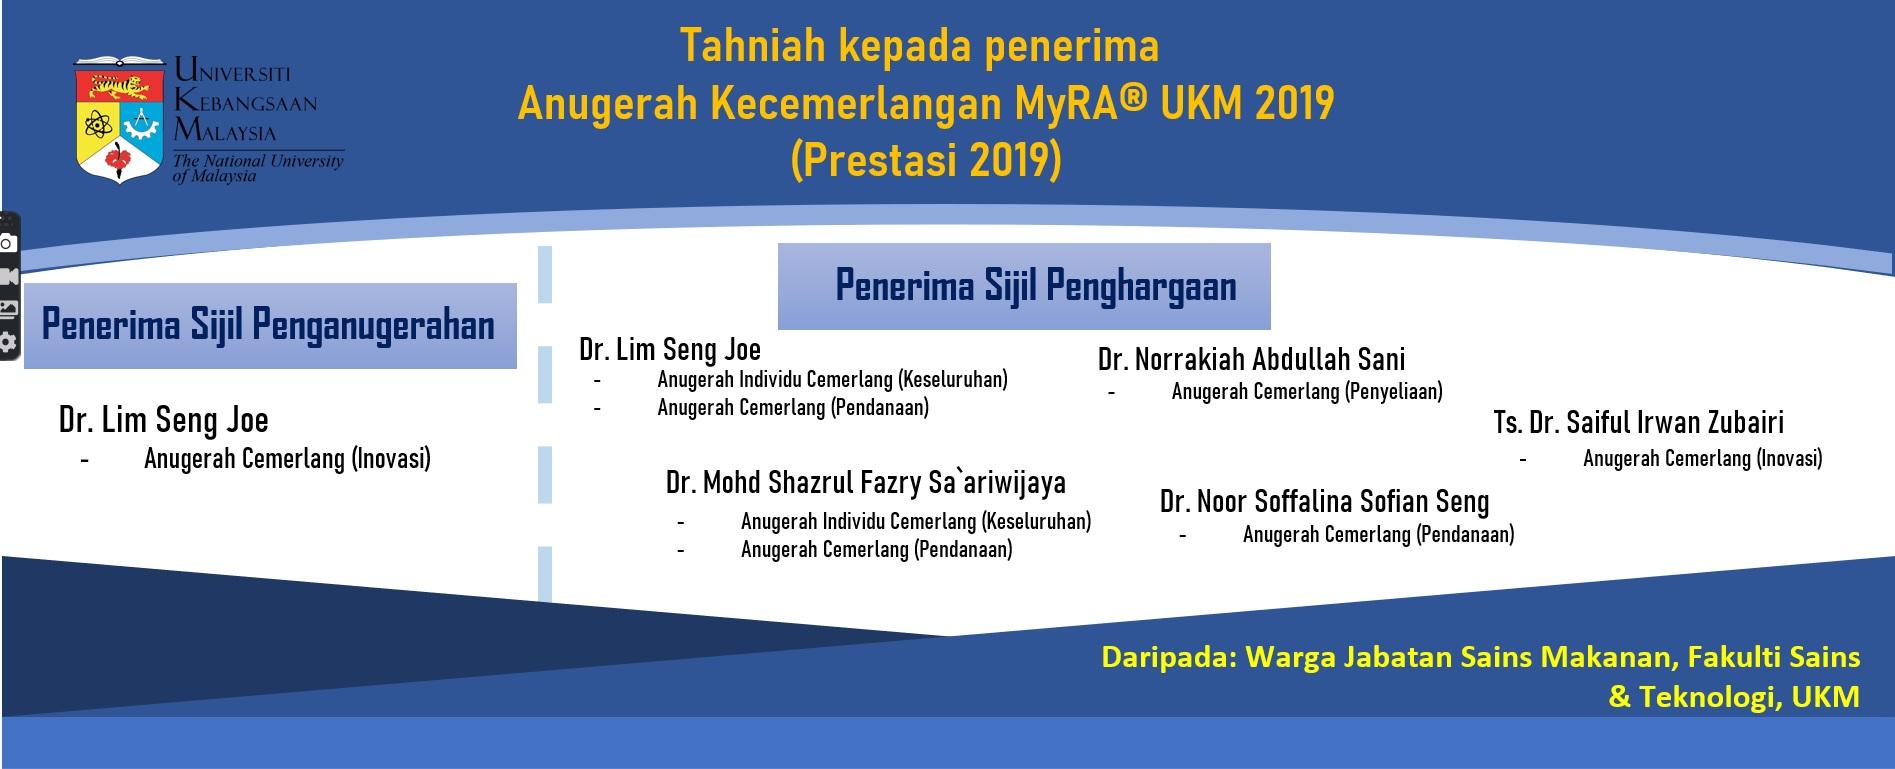 Penerima ANugerah MyRA 2019 UKM